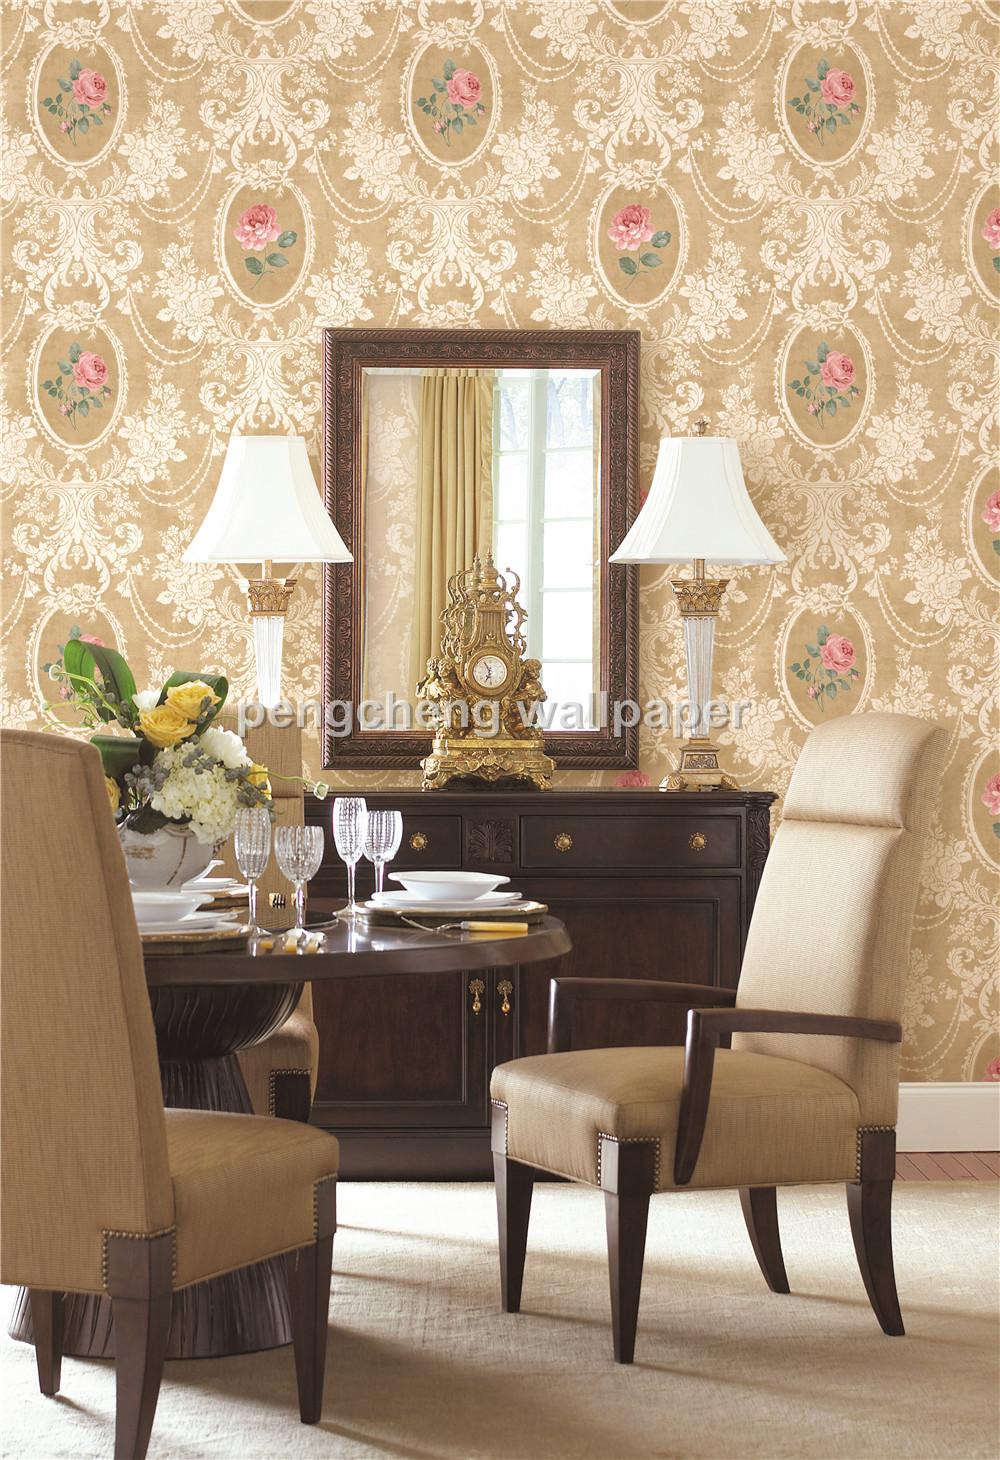 Mooie Bloem Italiaans Design Behang Wandbekleding Behang Slaapkamer ...